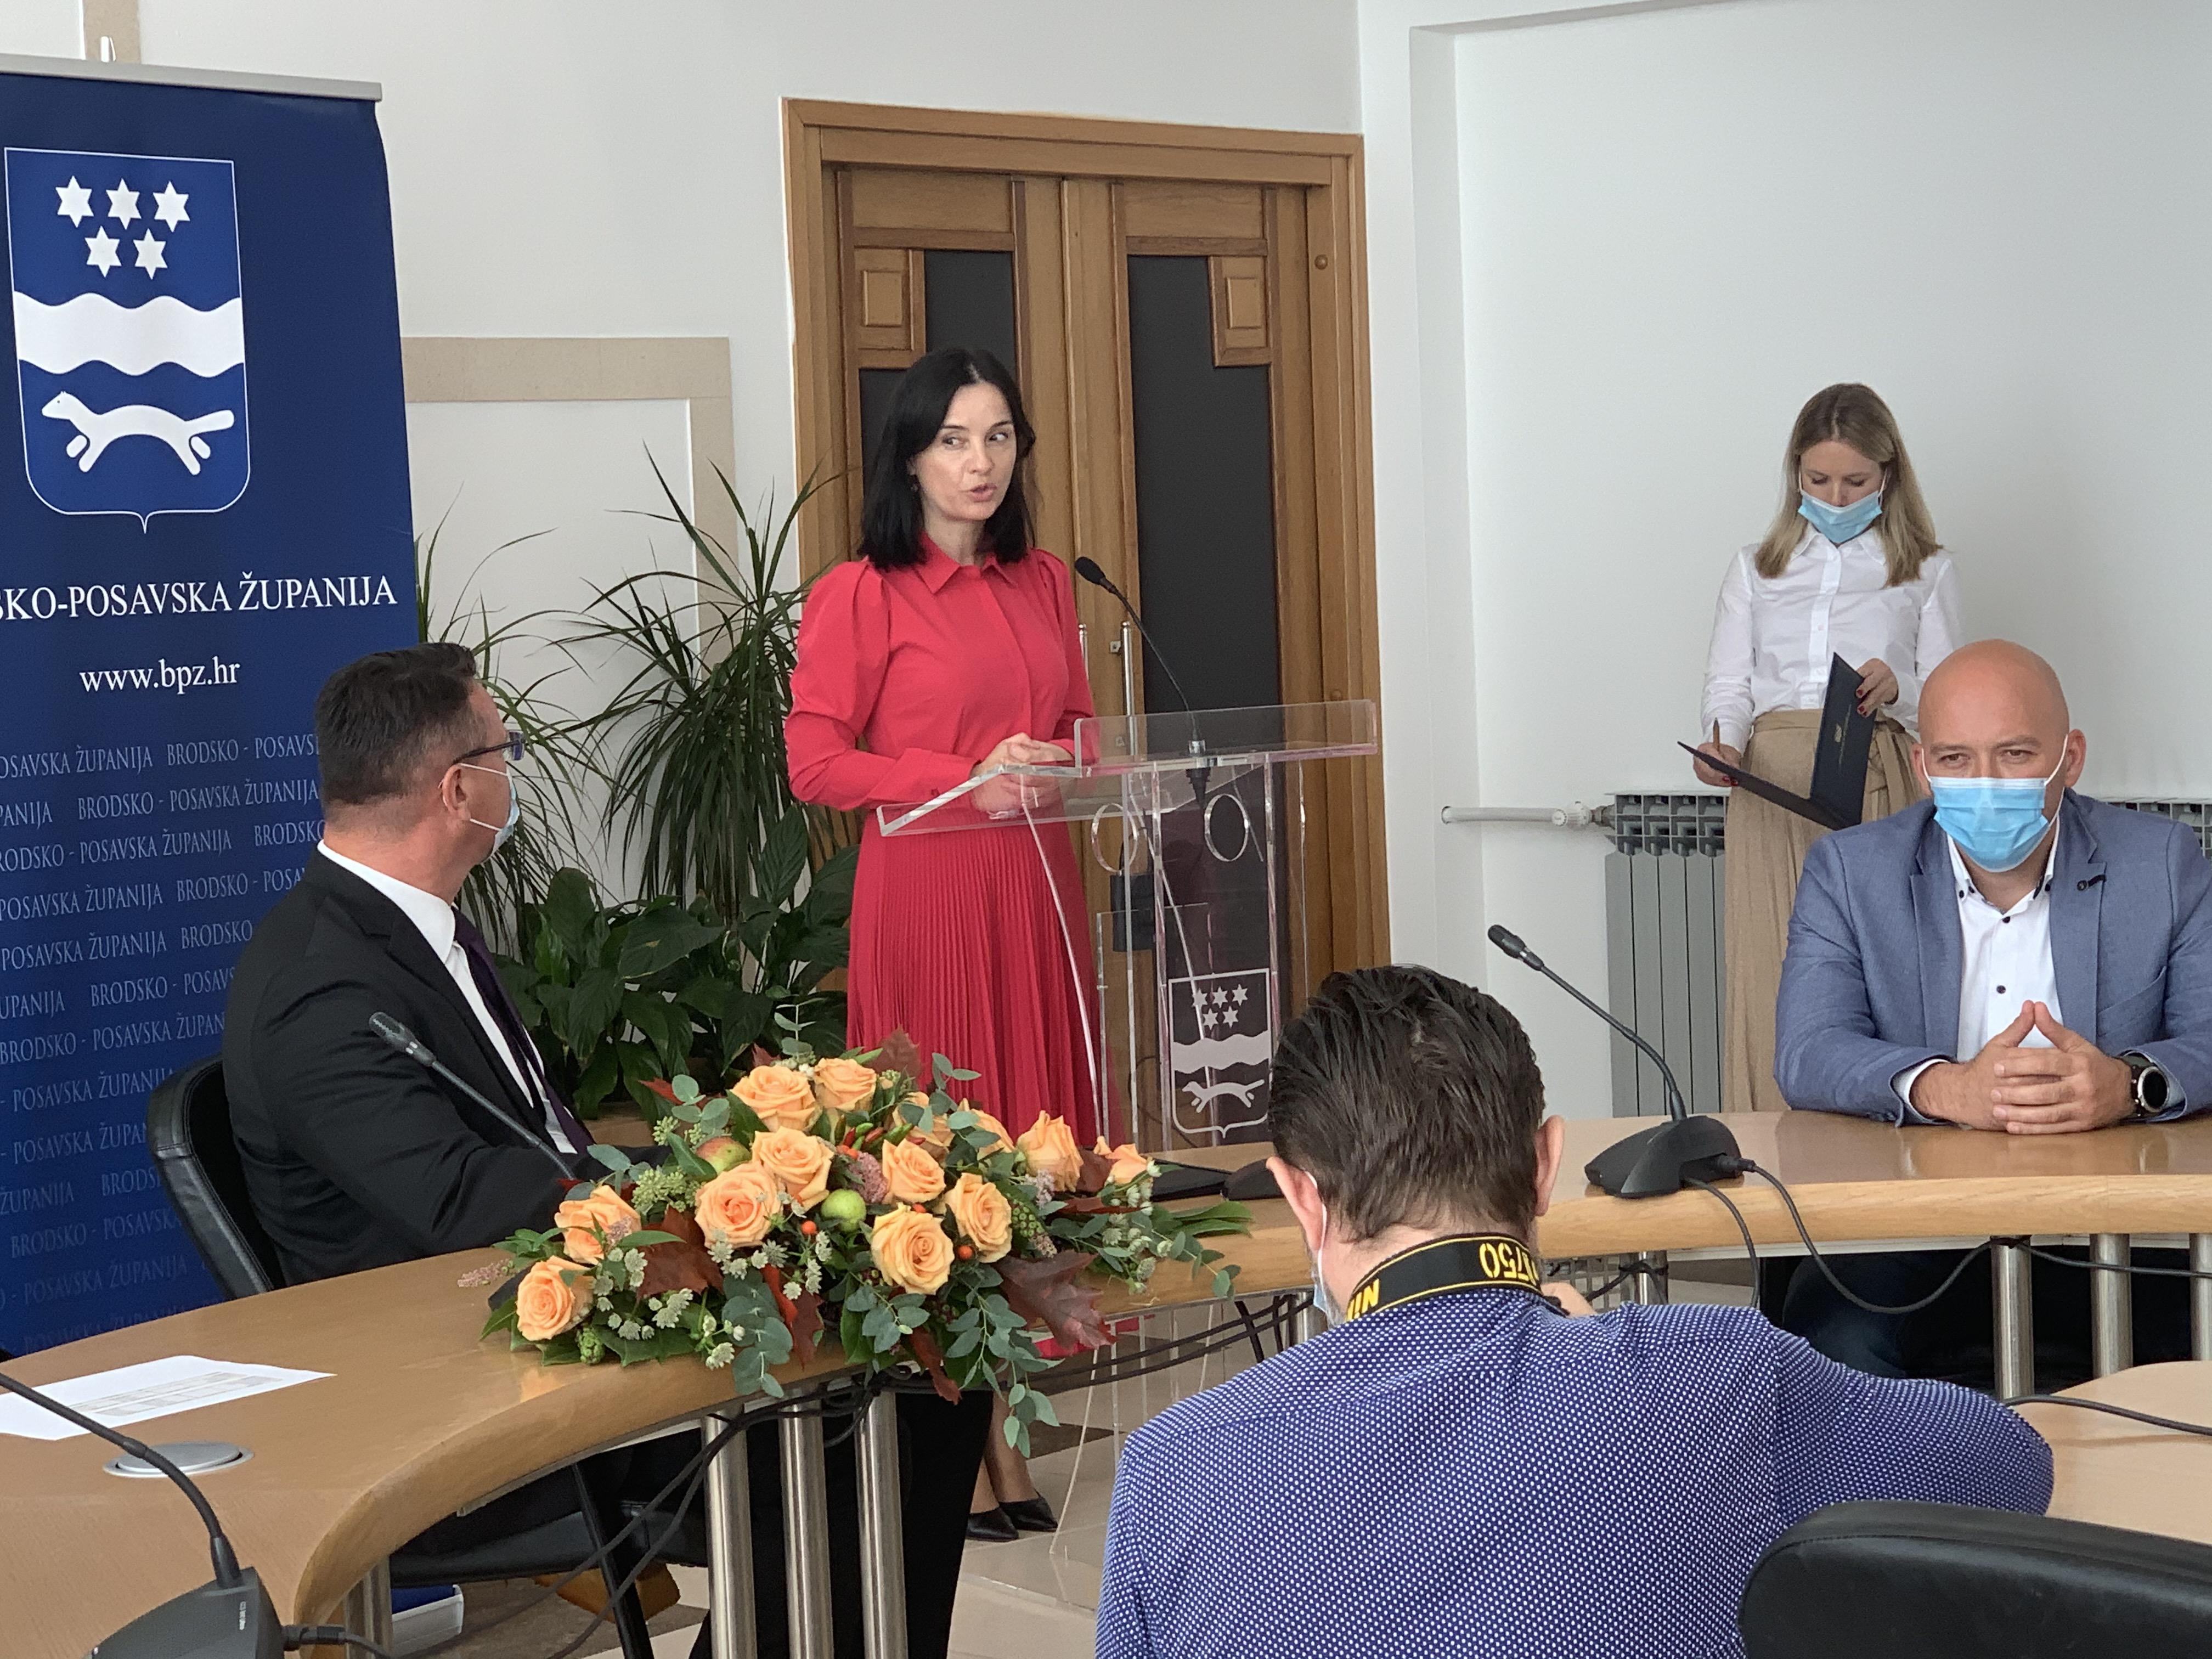 Novih 9,4 milijuna kuna iz PRR-a za ulaganje u tovno govedarstvo u Slavoniji